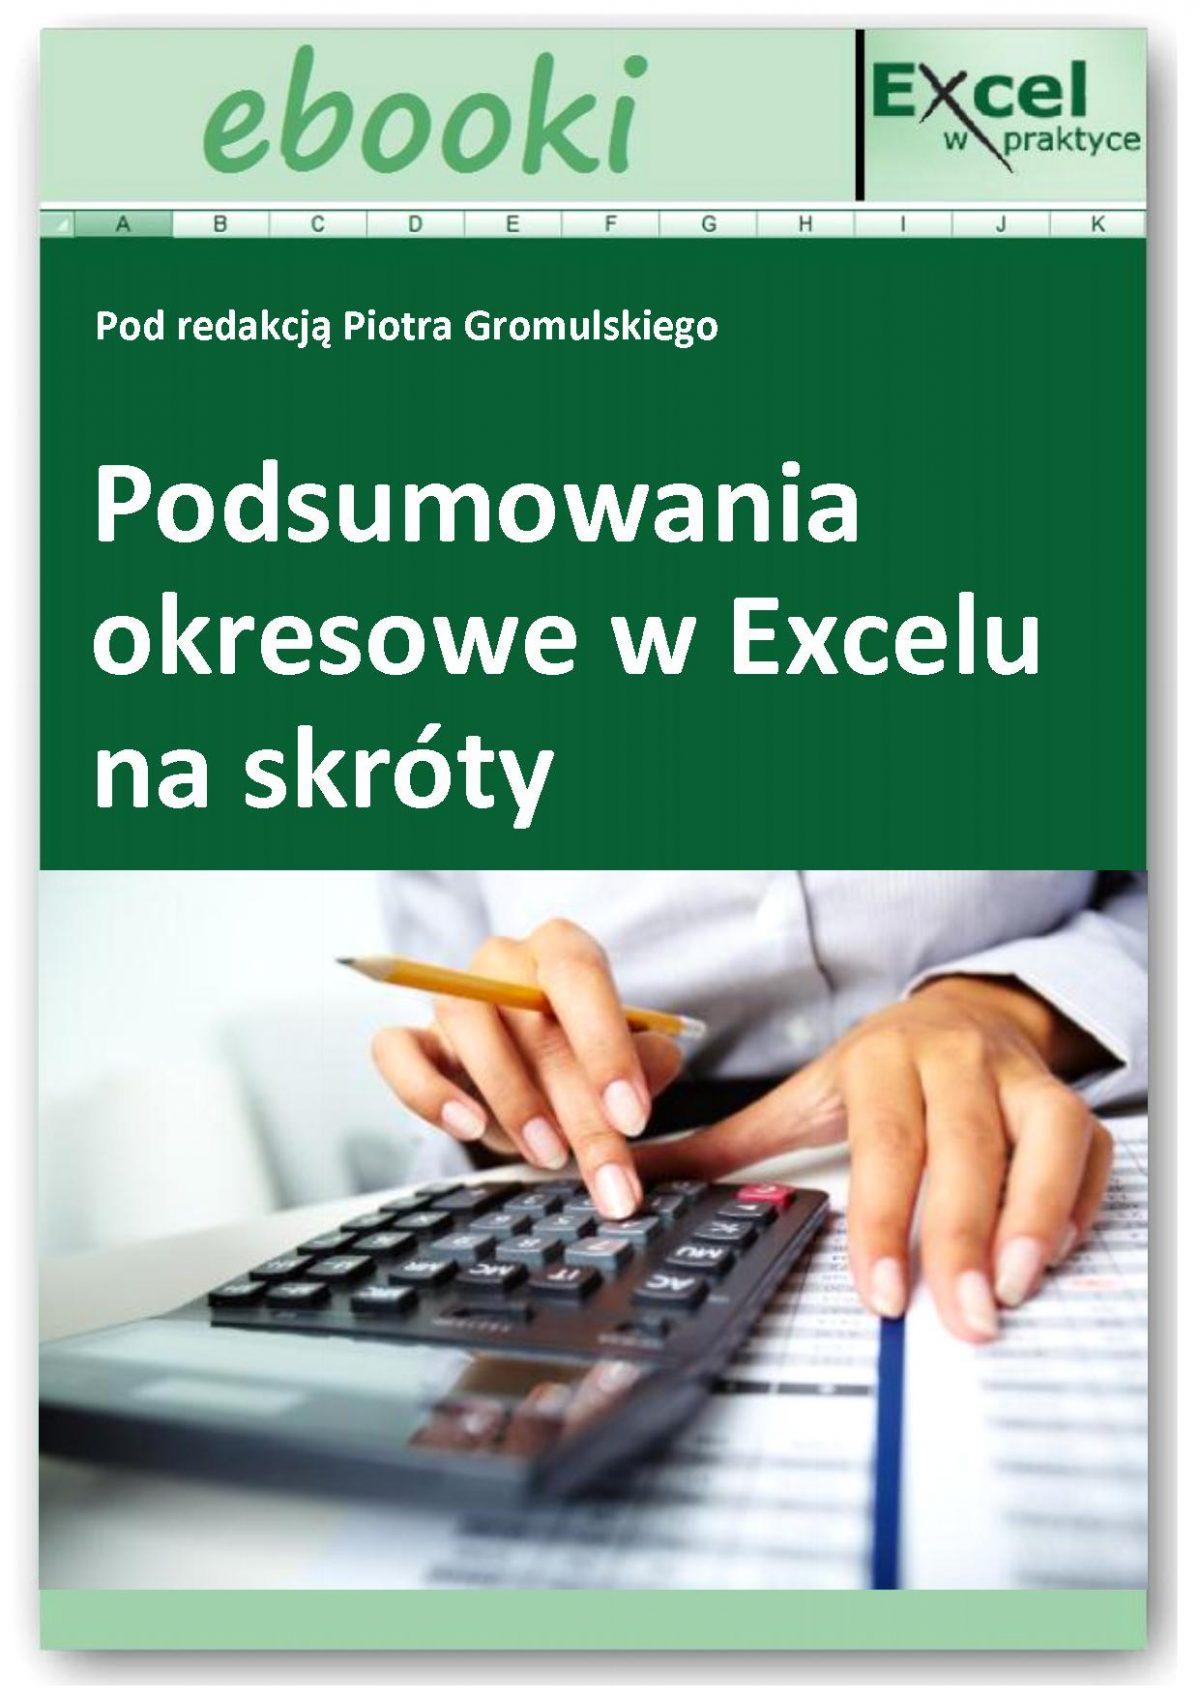 Raporty podsumowujące - teraz 2x szybciej! - Ebook (Książka PDF) do pobrania w formacie PDF